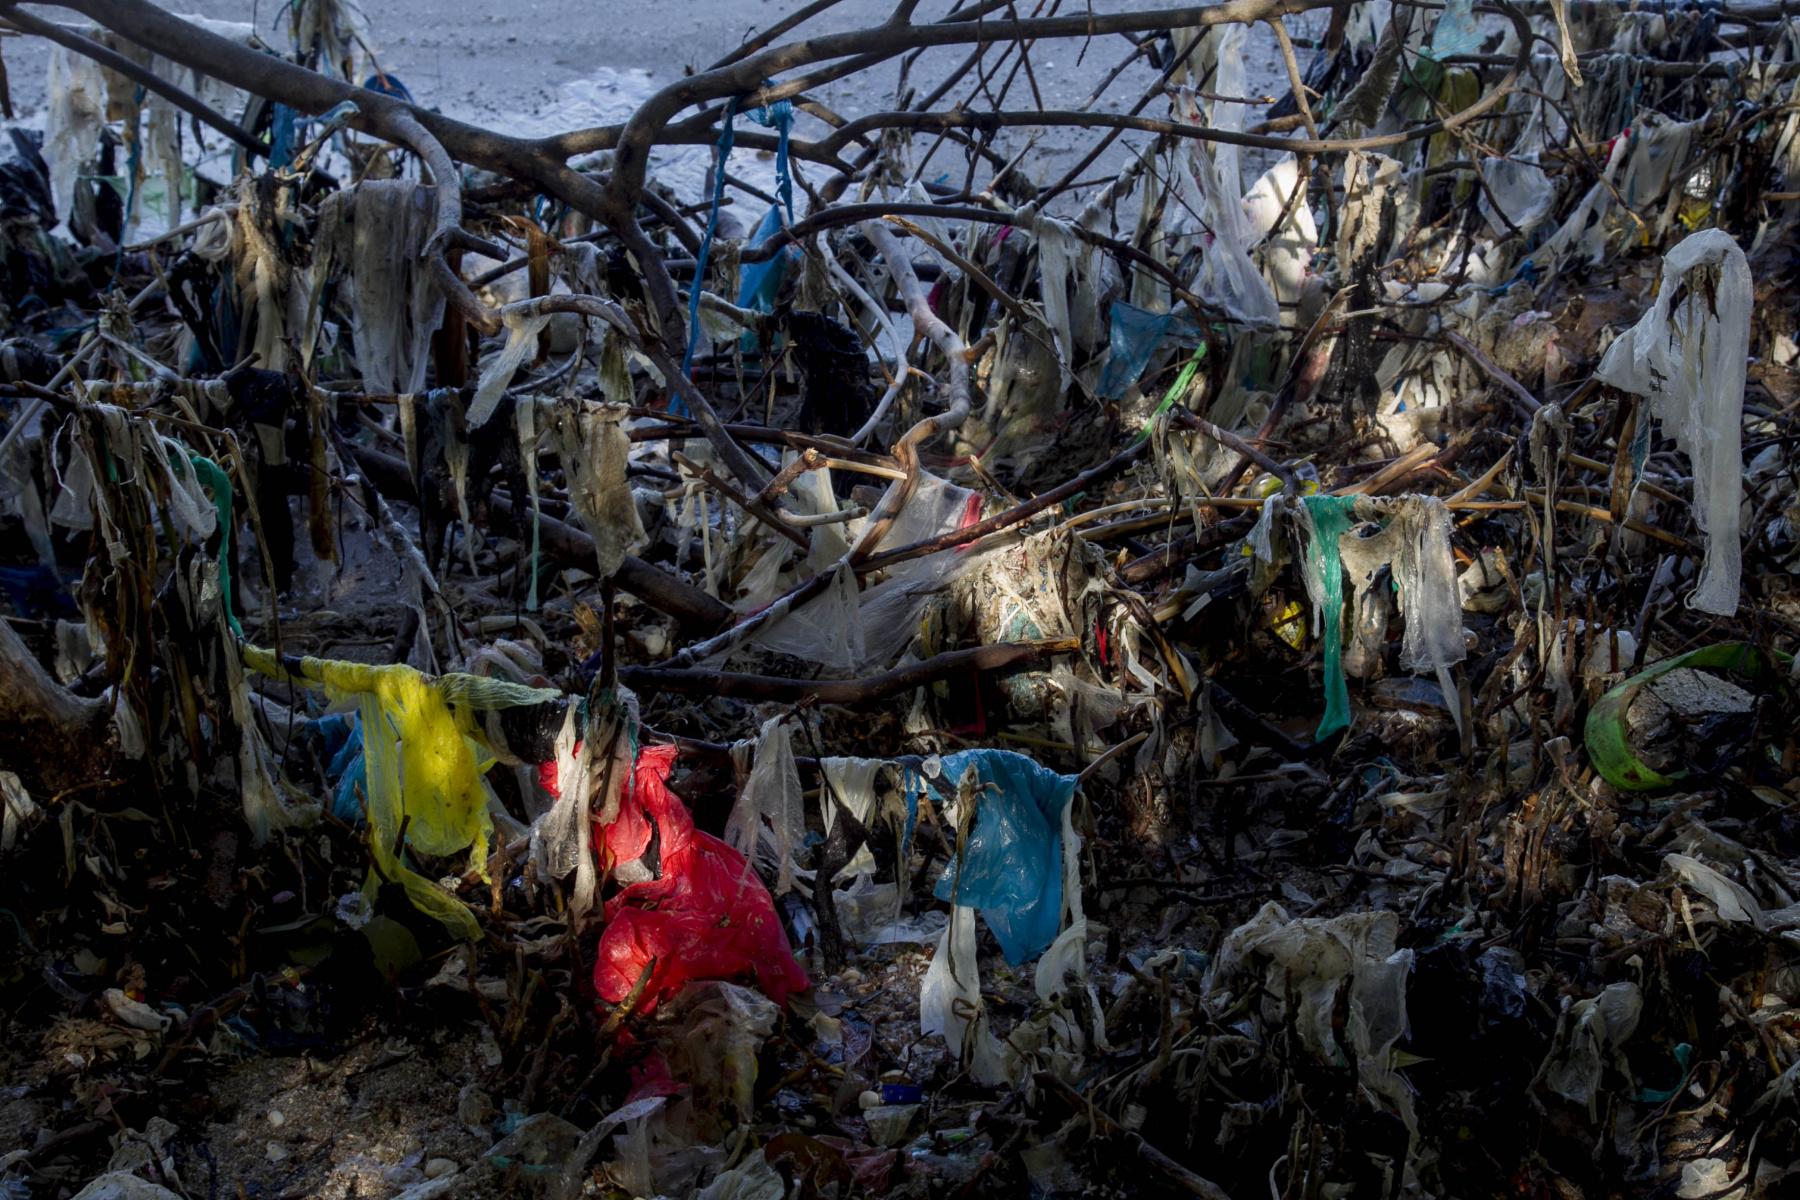 Sampah plastik yang terjebak di mangrove mengganggu pertumbuhan bibit-bibit mangrove yang baru, sehingga proses regenerasi vegetasi mangrove tidak berjalan dengan baik karena adanya tumpukan sampah non-organik menghalangi masuknya unsur hara yang berasal dari aktivitas pasang surut.